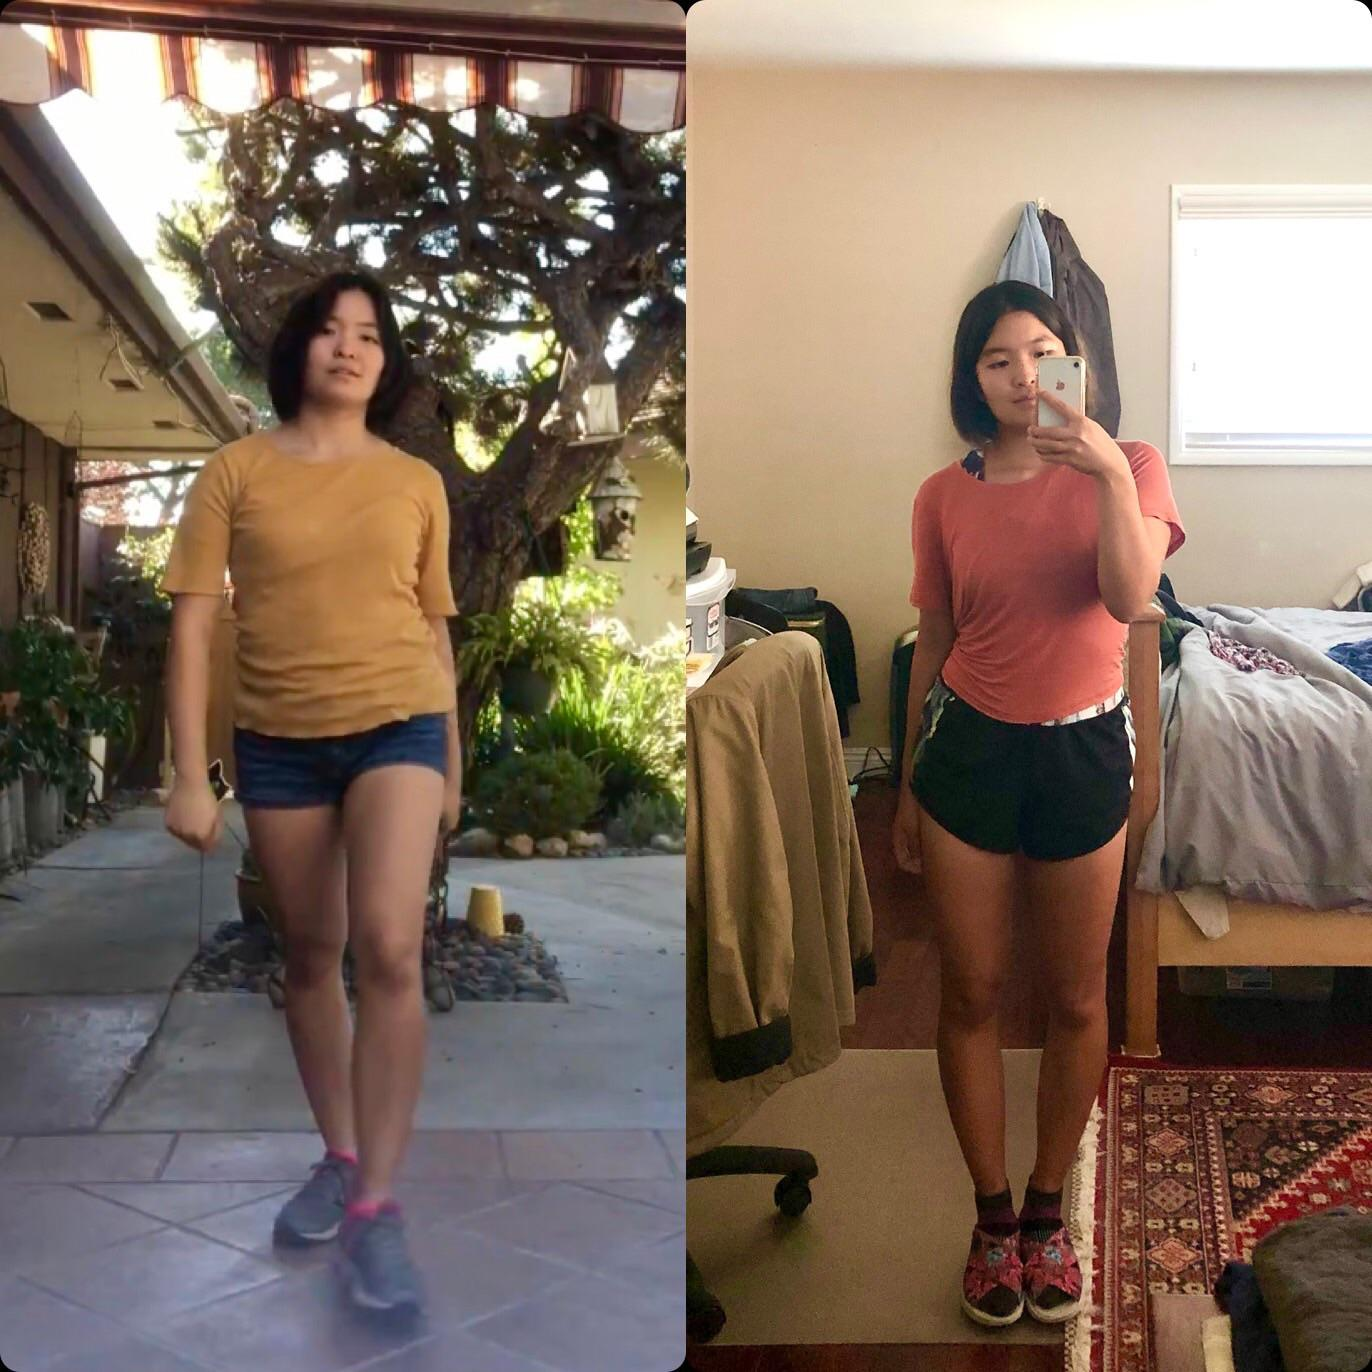 Progress Pics of 10 lbs Fat Loss 5'1 Female 123 lbs to 113 lbs